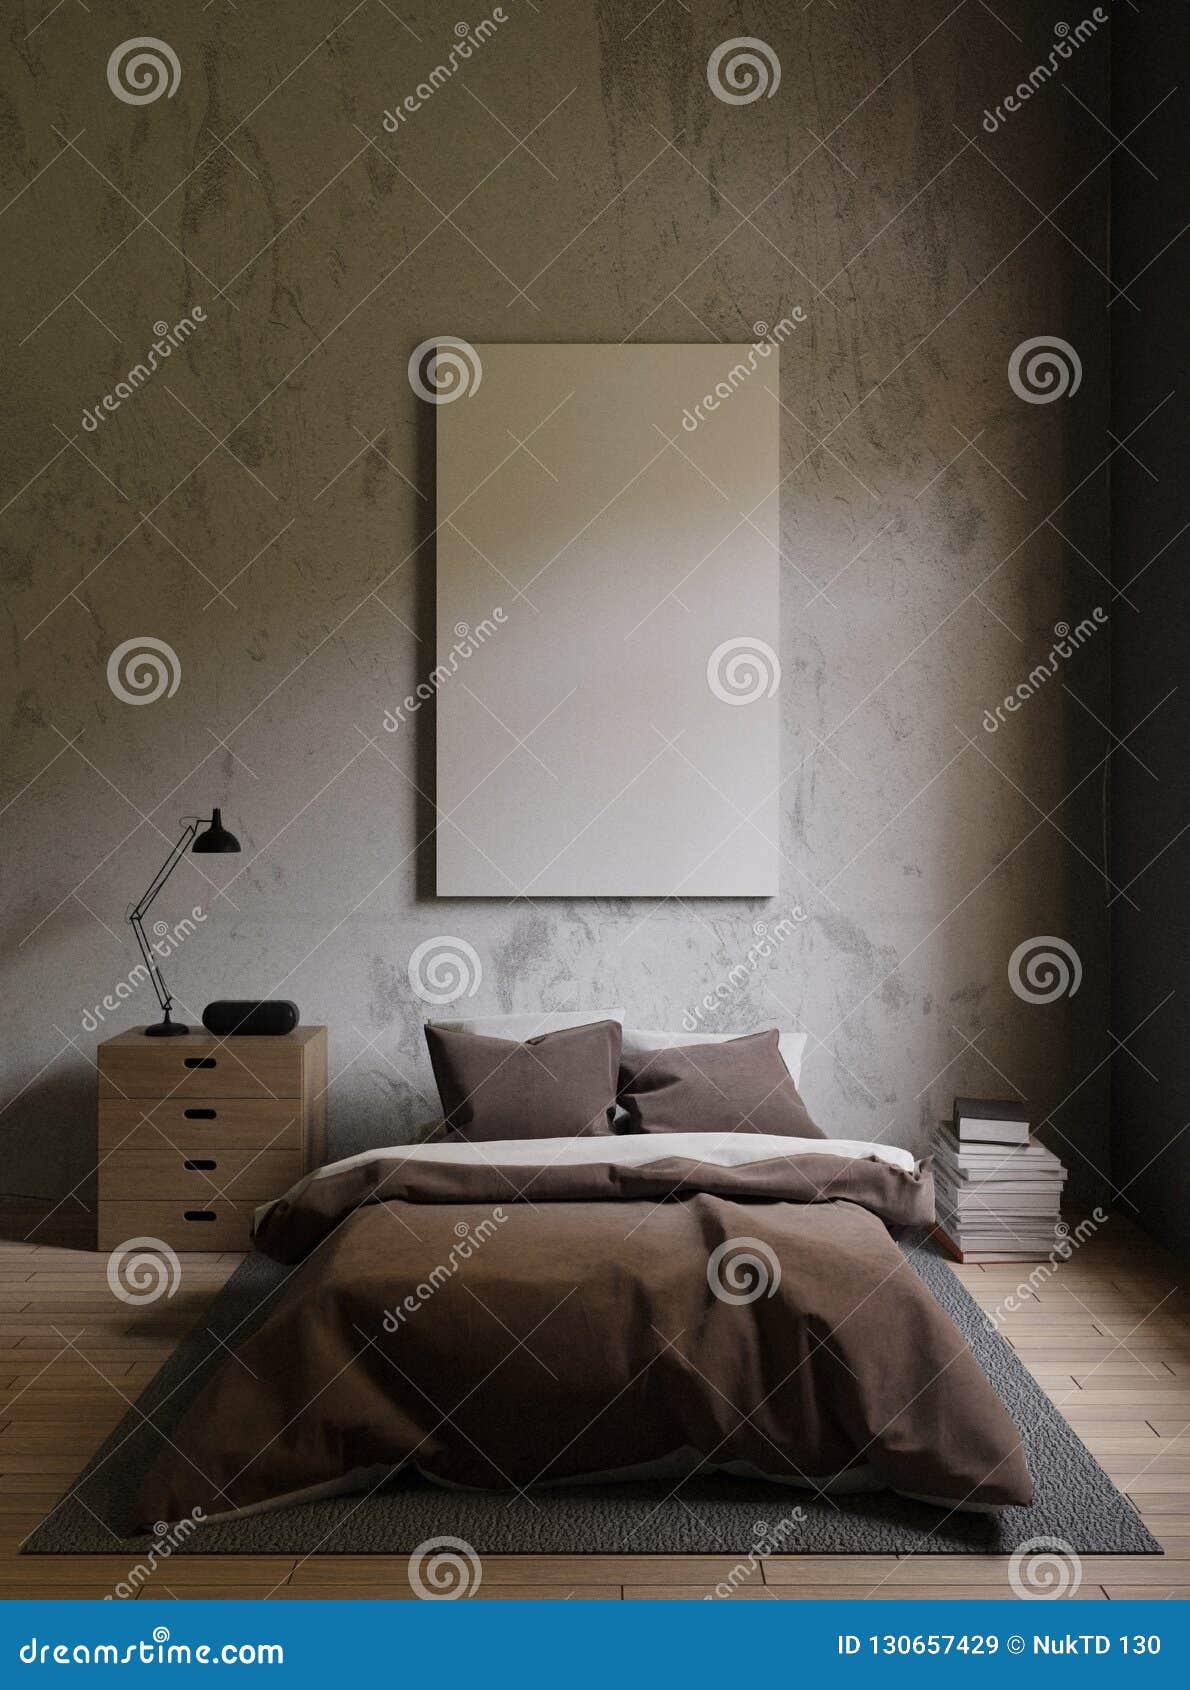 Brun säng i ett mörkt sovrum det ljusa ljuset från evigt ljus, matta, böcker, inre vind för kudde med betongväggar, renderi 3d